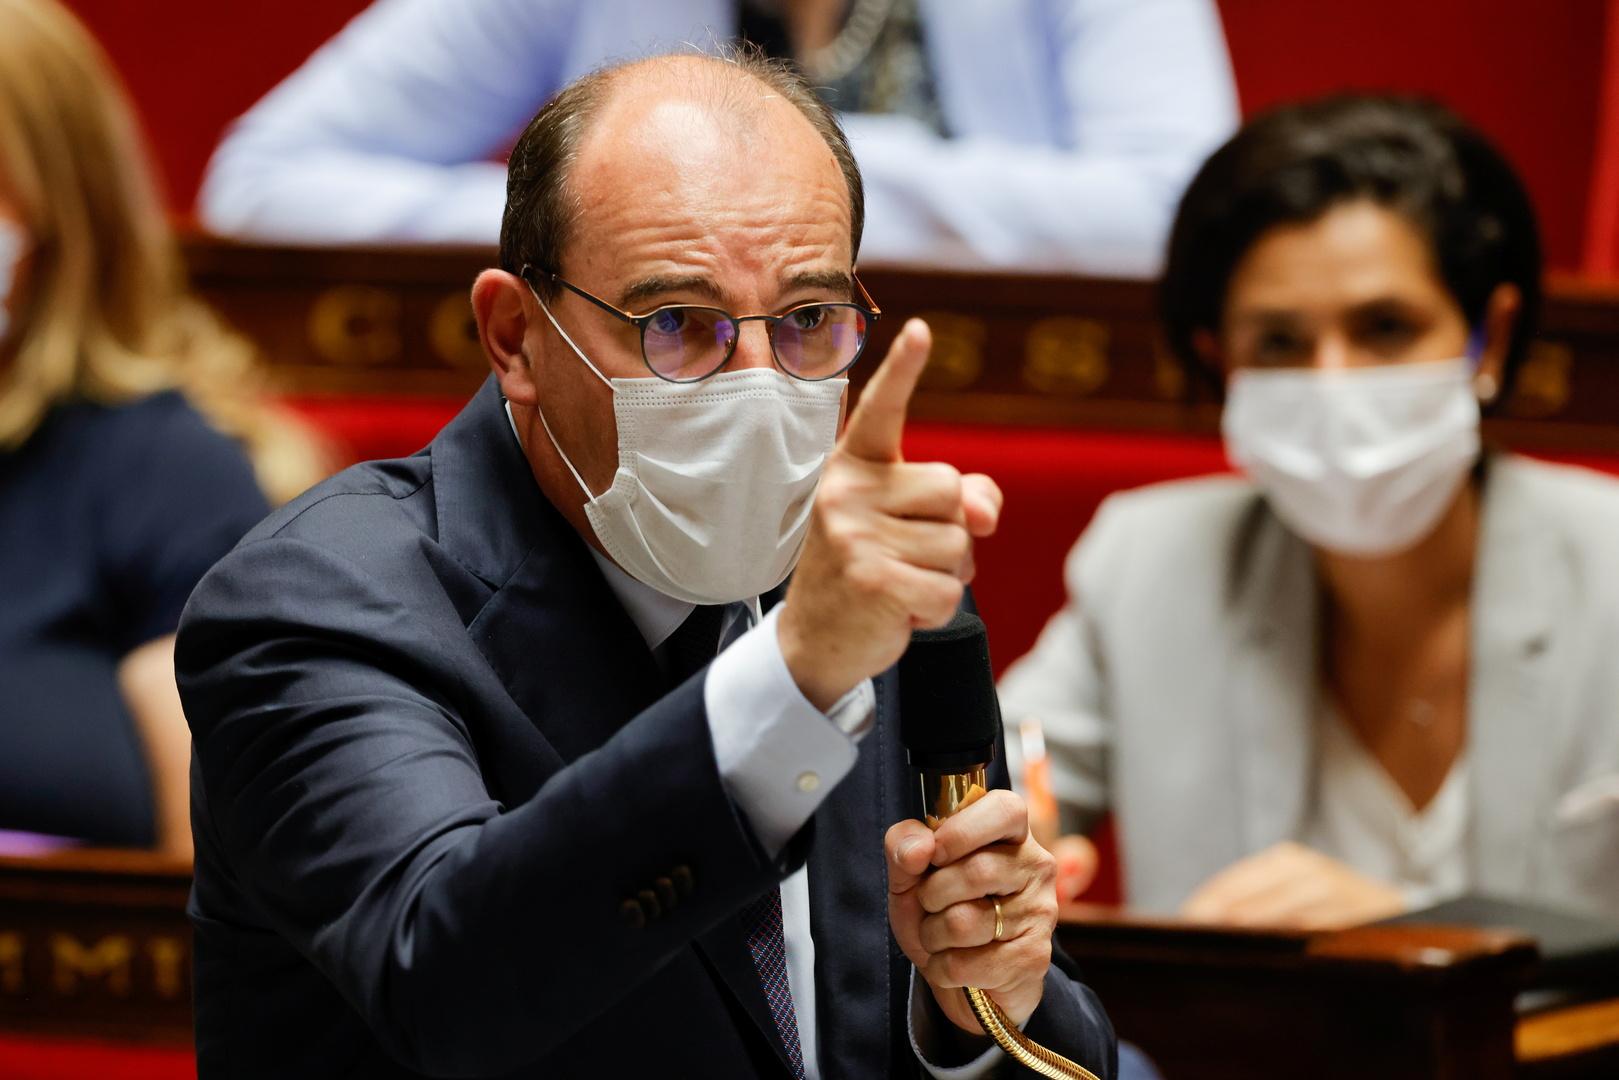 جان كاستيكس رئيس الوزراء الفرنسي